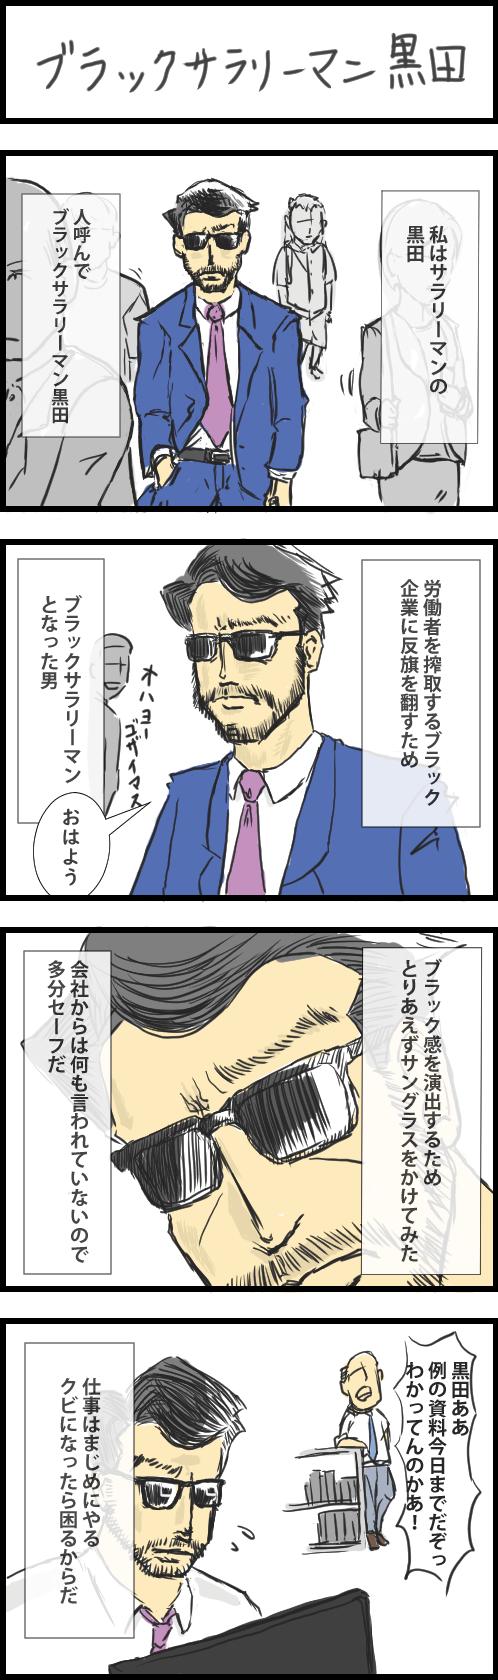 ブラックサラリーマン_02.png